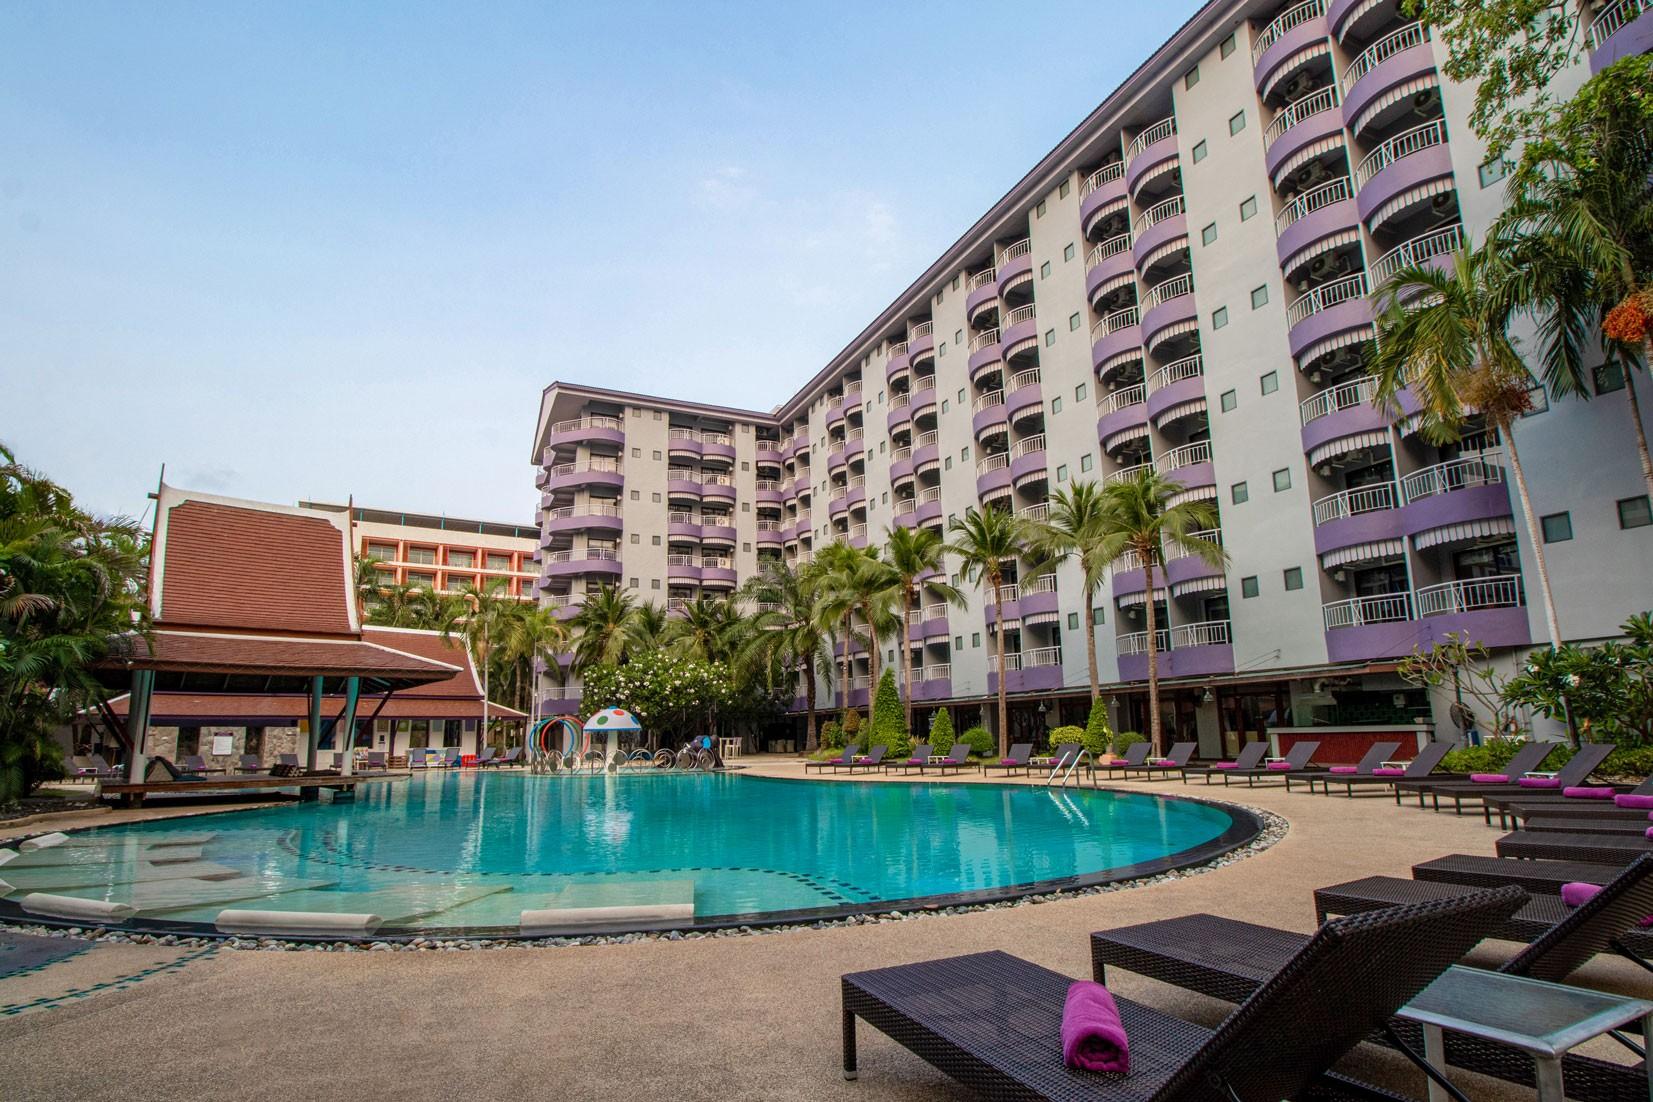 hotel in Pattaya city